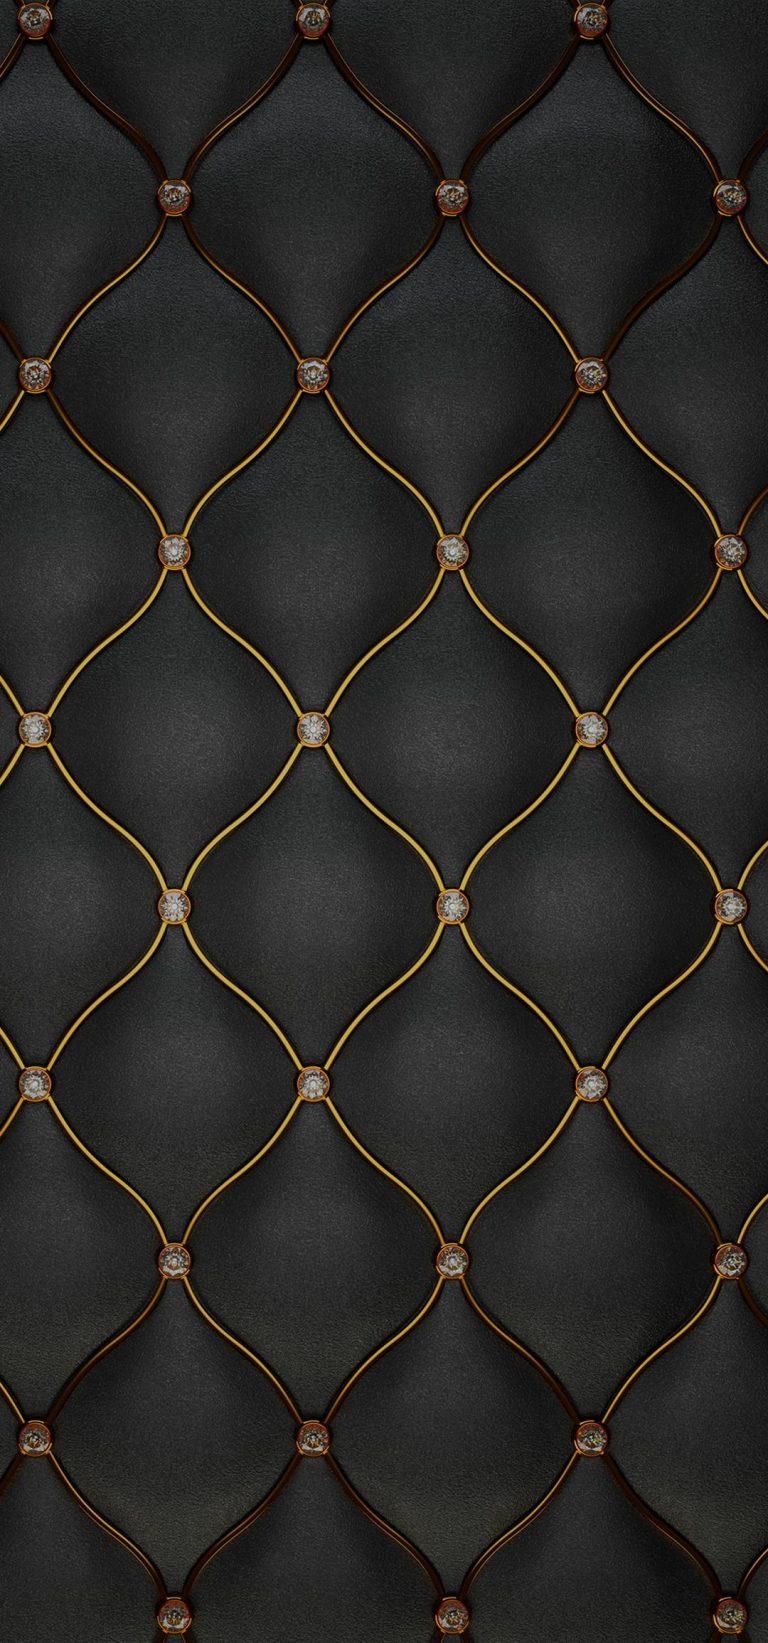 1080x2310 Wallpaper 210 768x1643